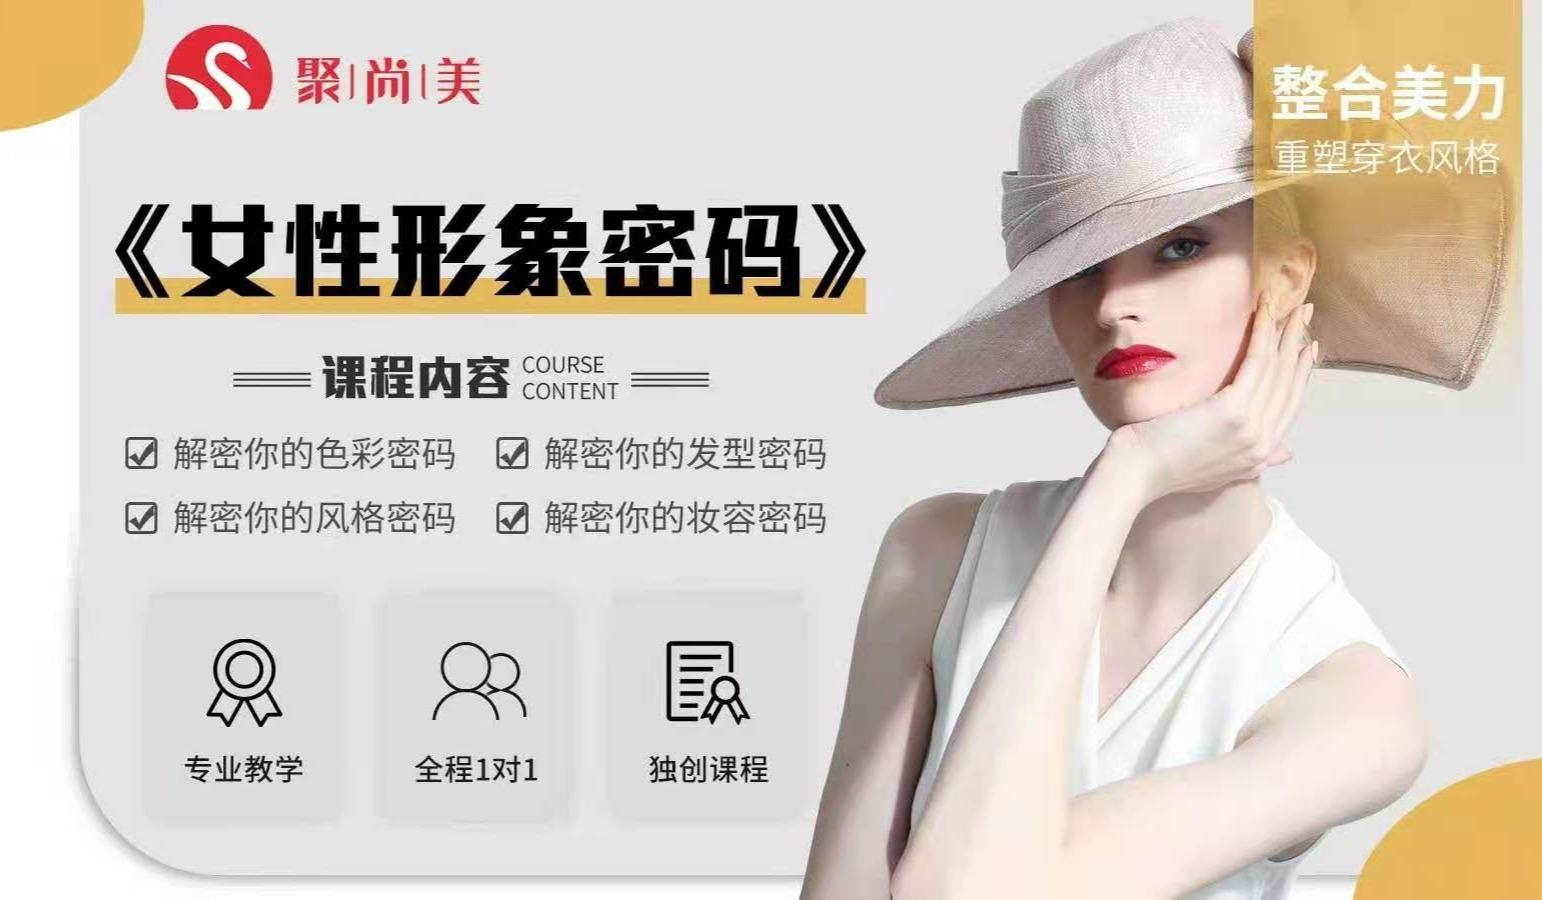 深圳站《女性形象密码》—唤醒你的美学认知,打开形象大门